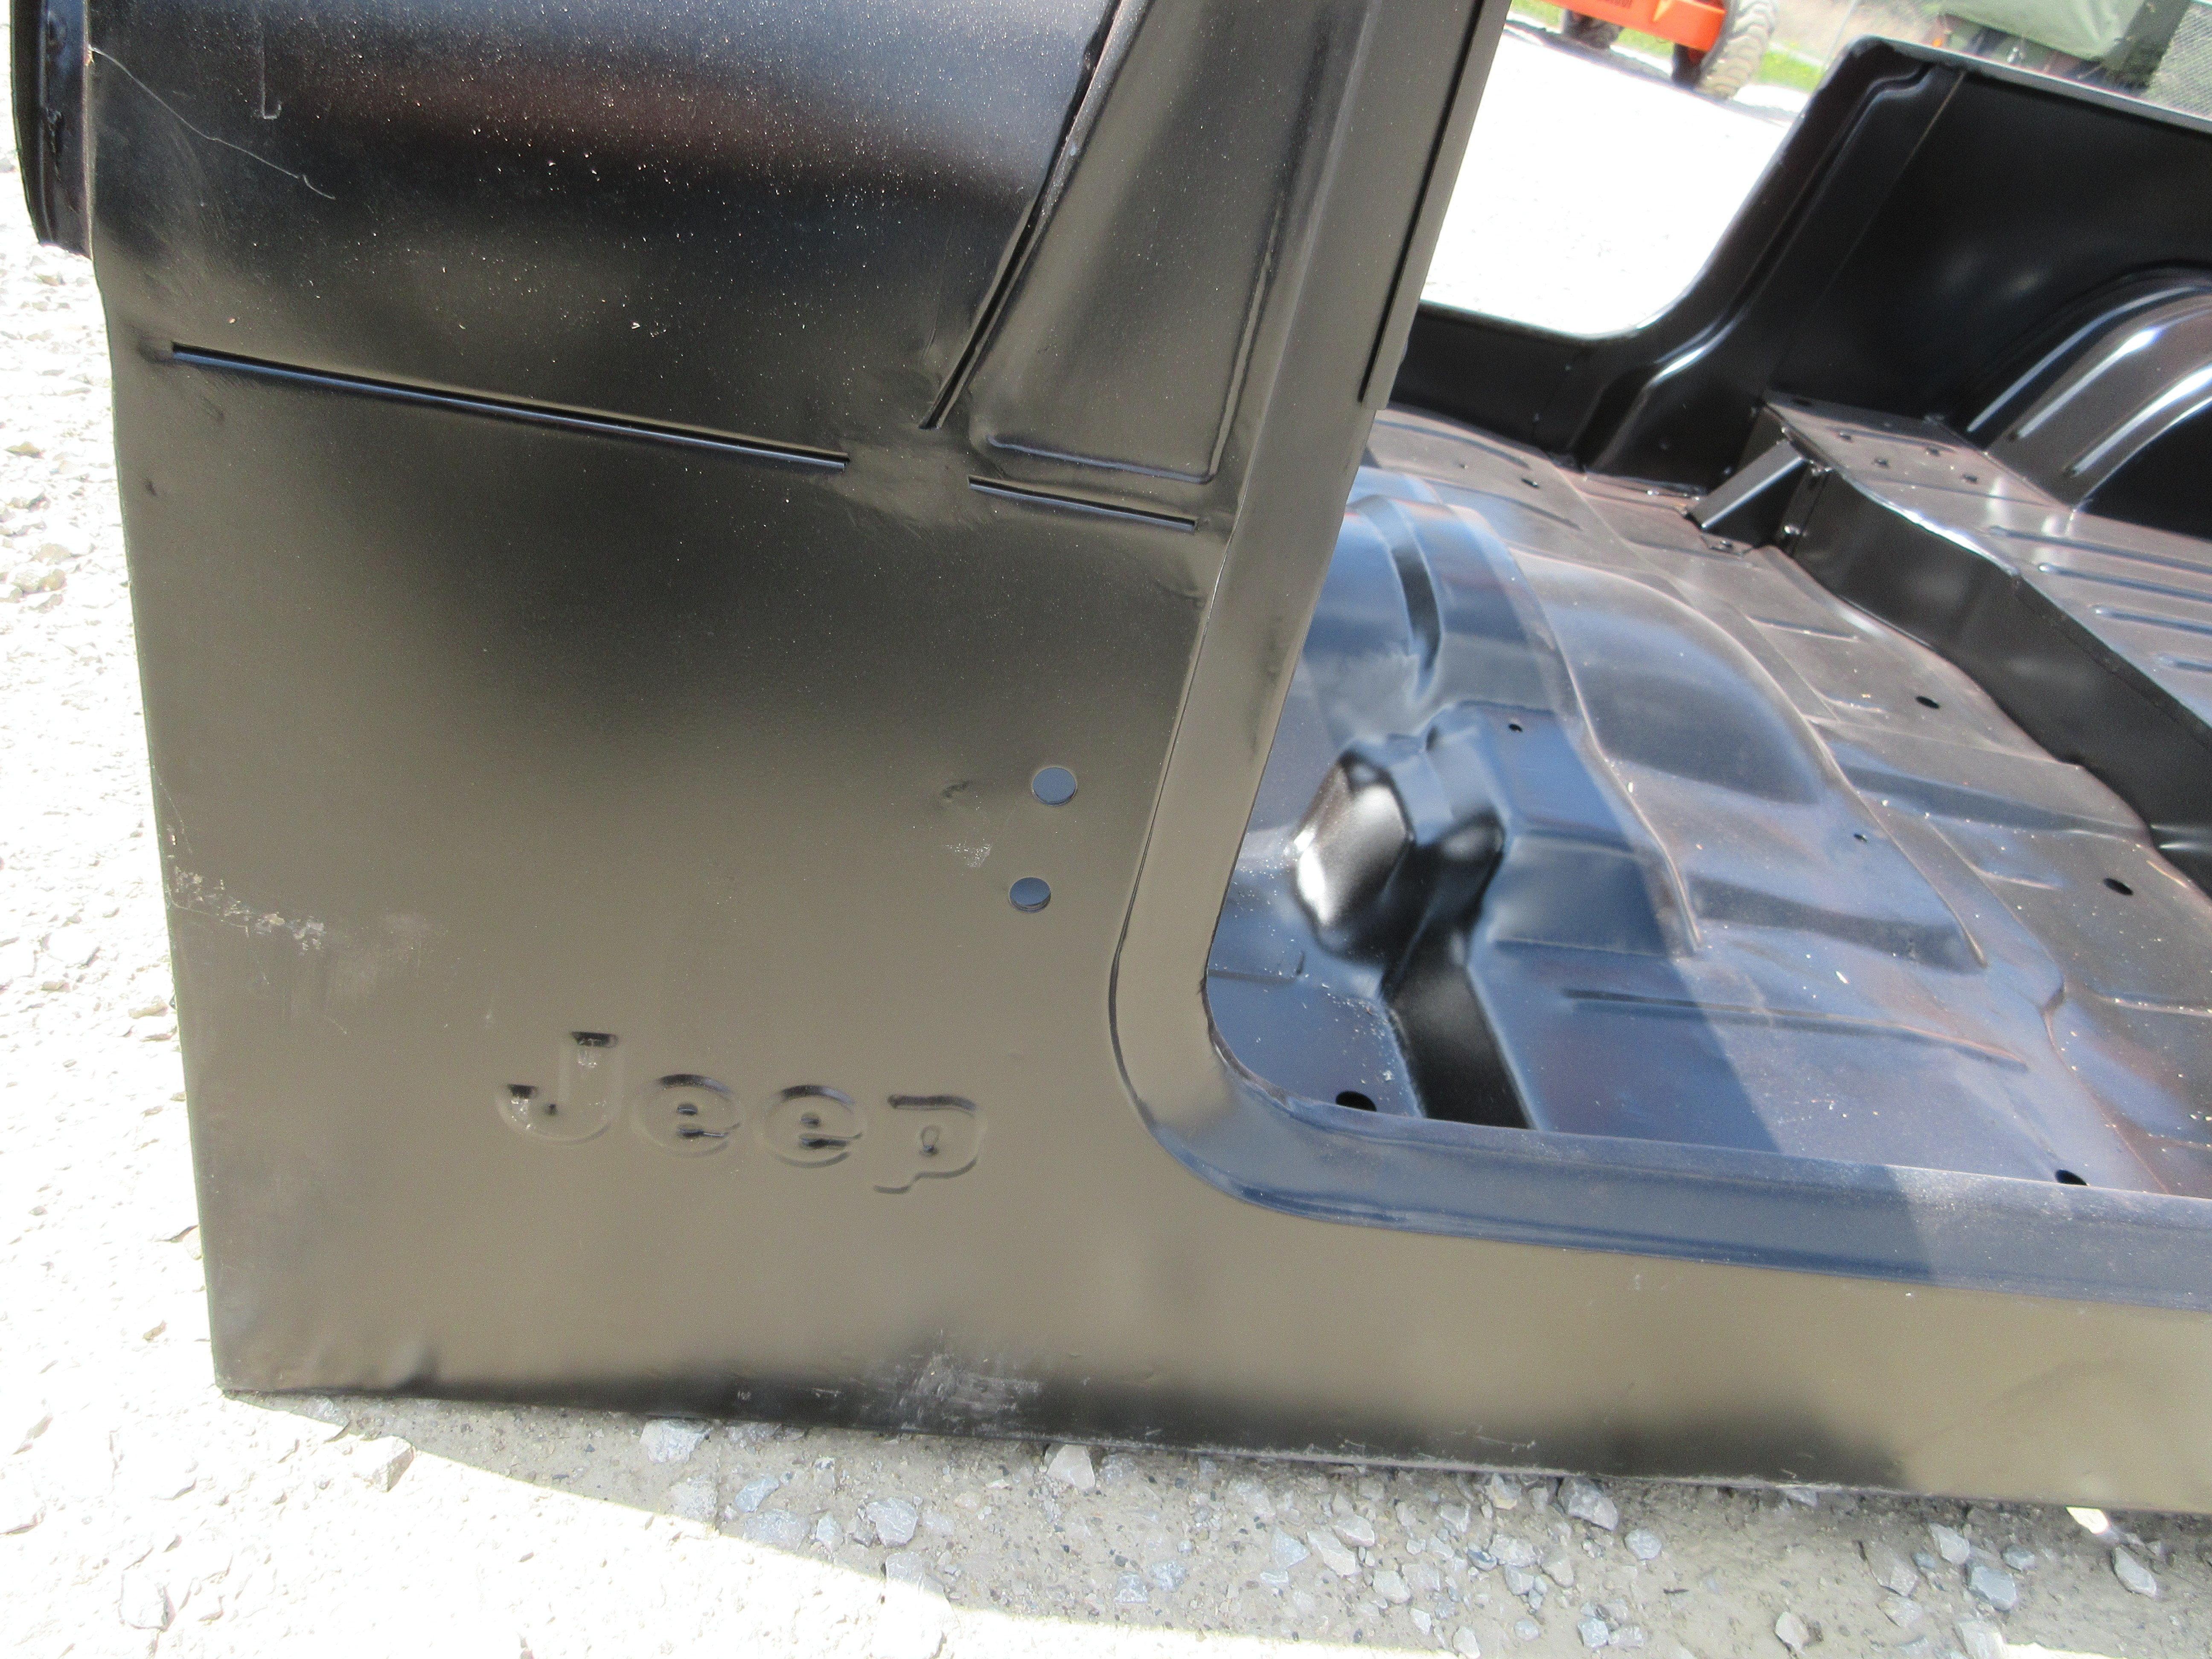 1981-1985 CJ8 Scrambler BODY KIT AMC JEEP CBK026